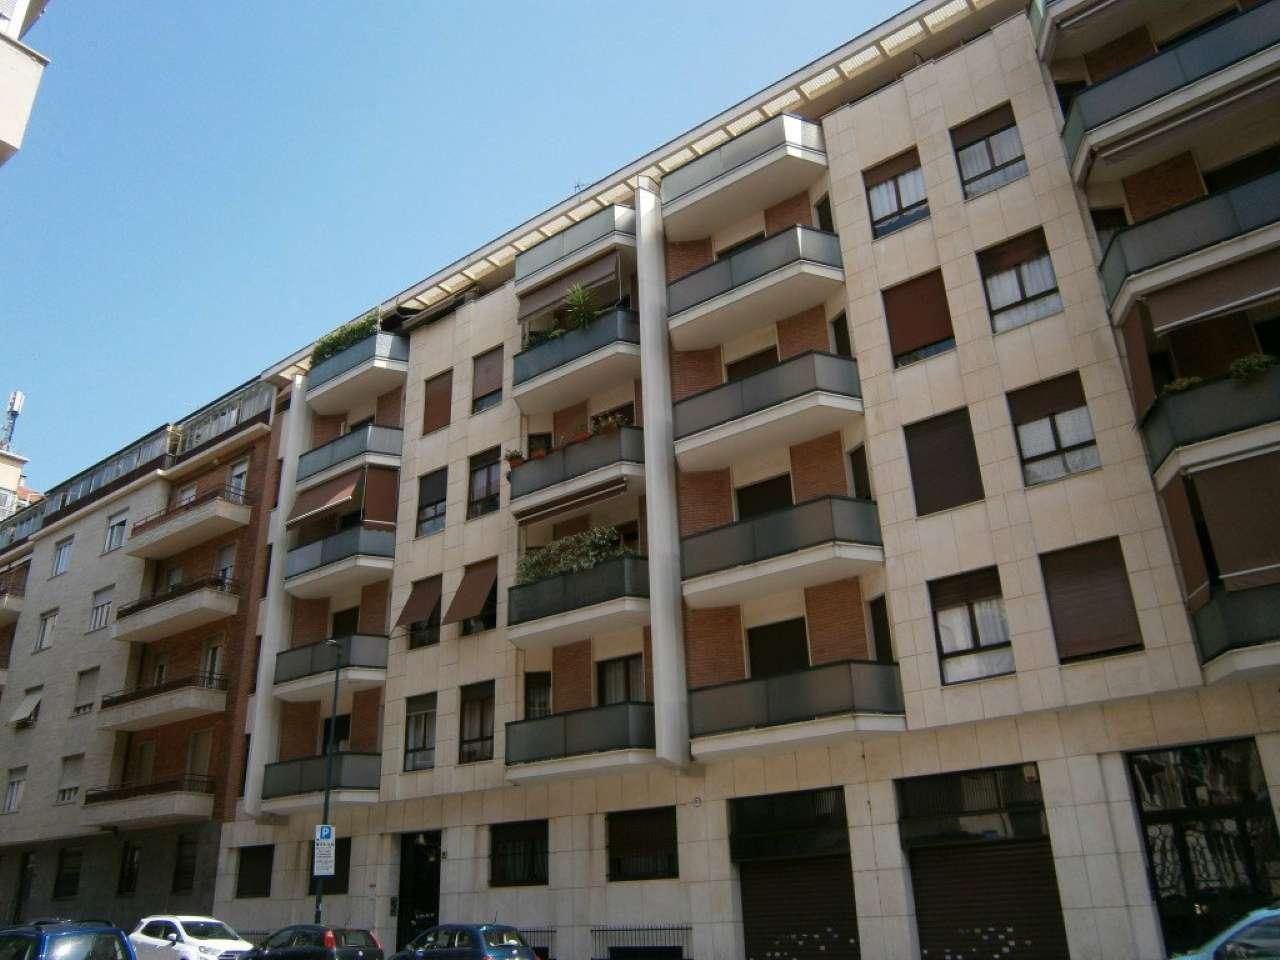 Foto 1 di Appartamento via Via Spallanzani 20, Torino (zona Santa Rita)